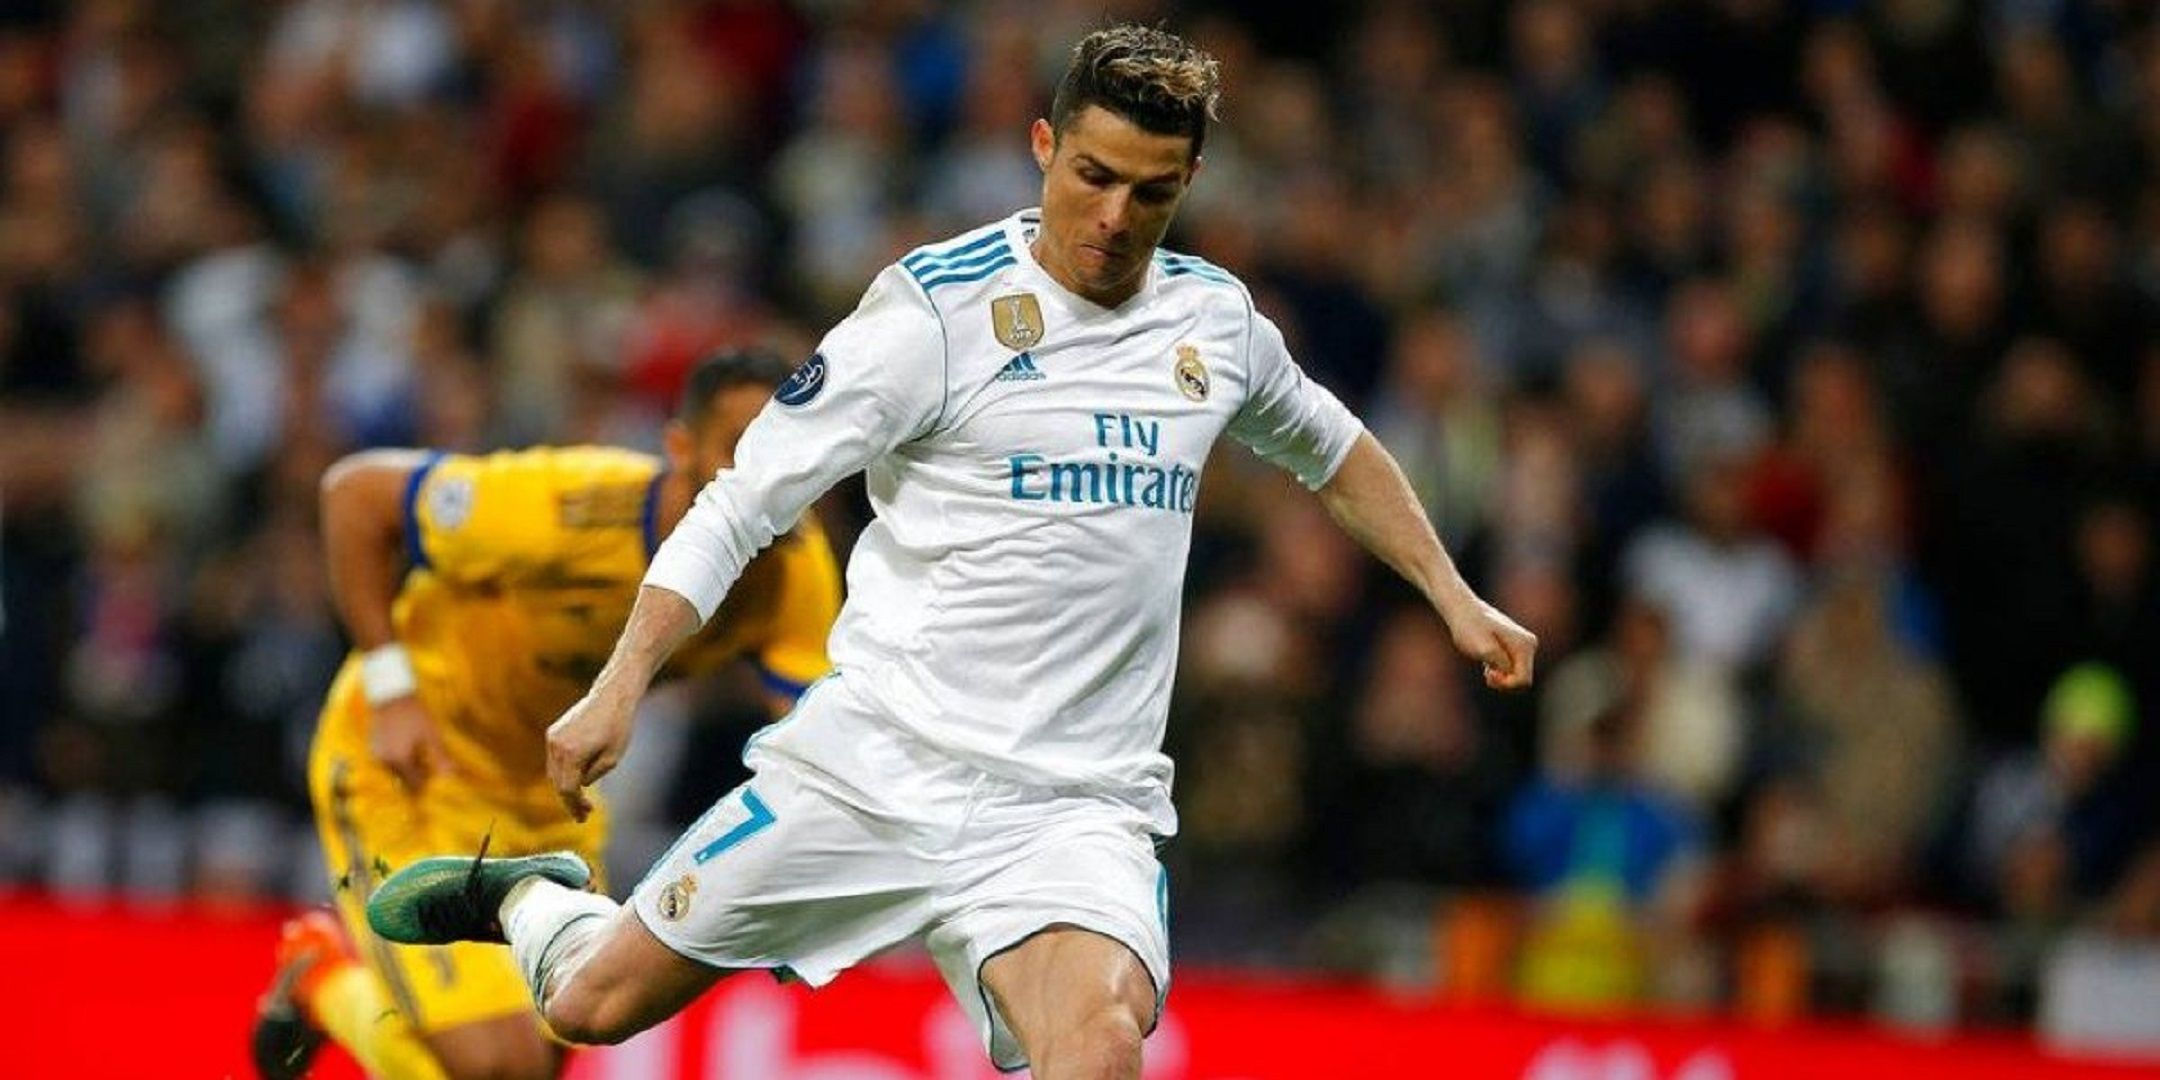 ¡Noooo! Les cambiaron el canal y se quedaron sin ver el gol de Cristiano Ronaldo